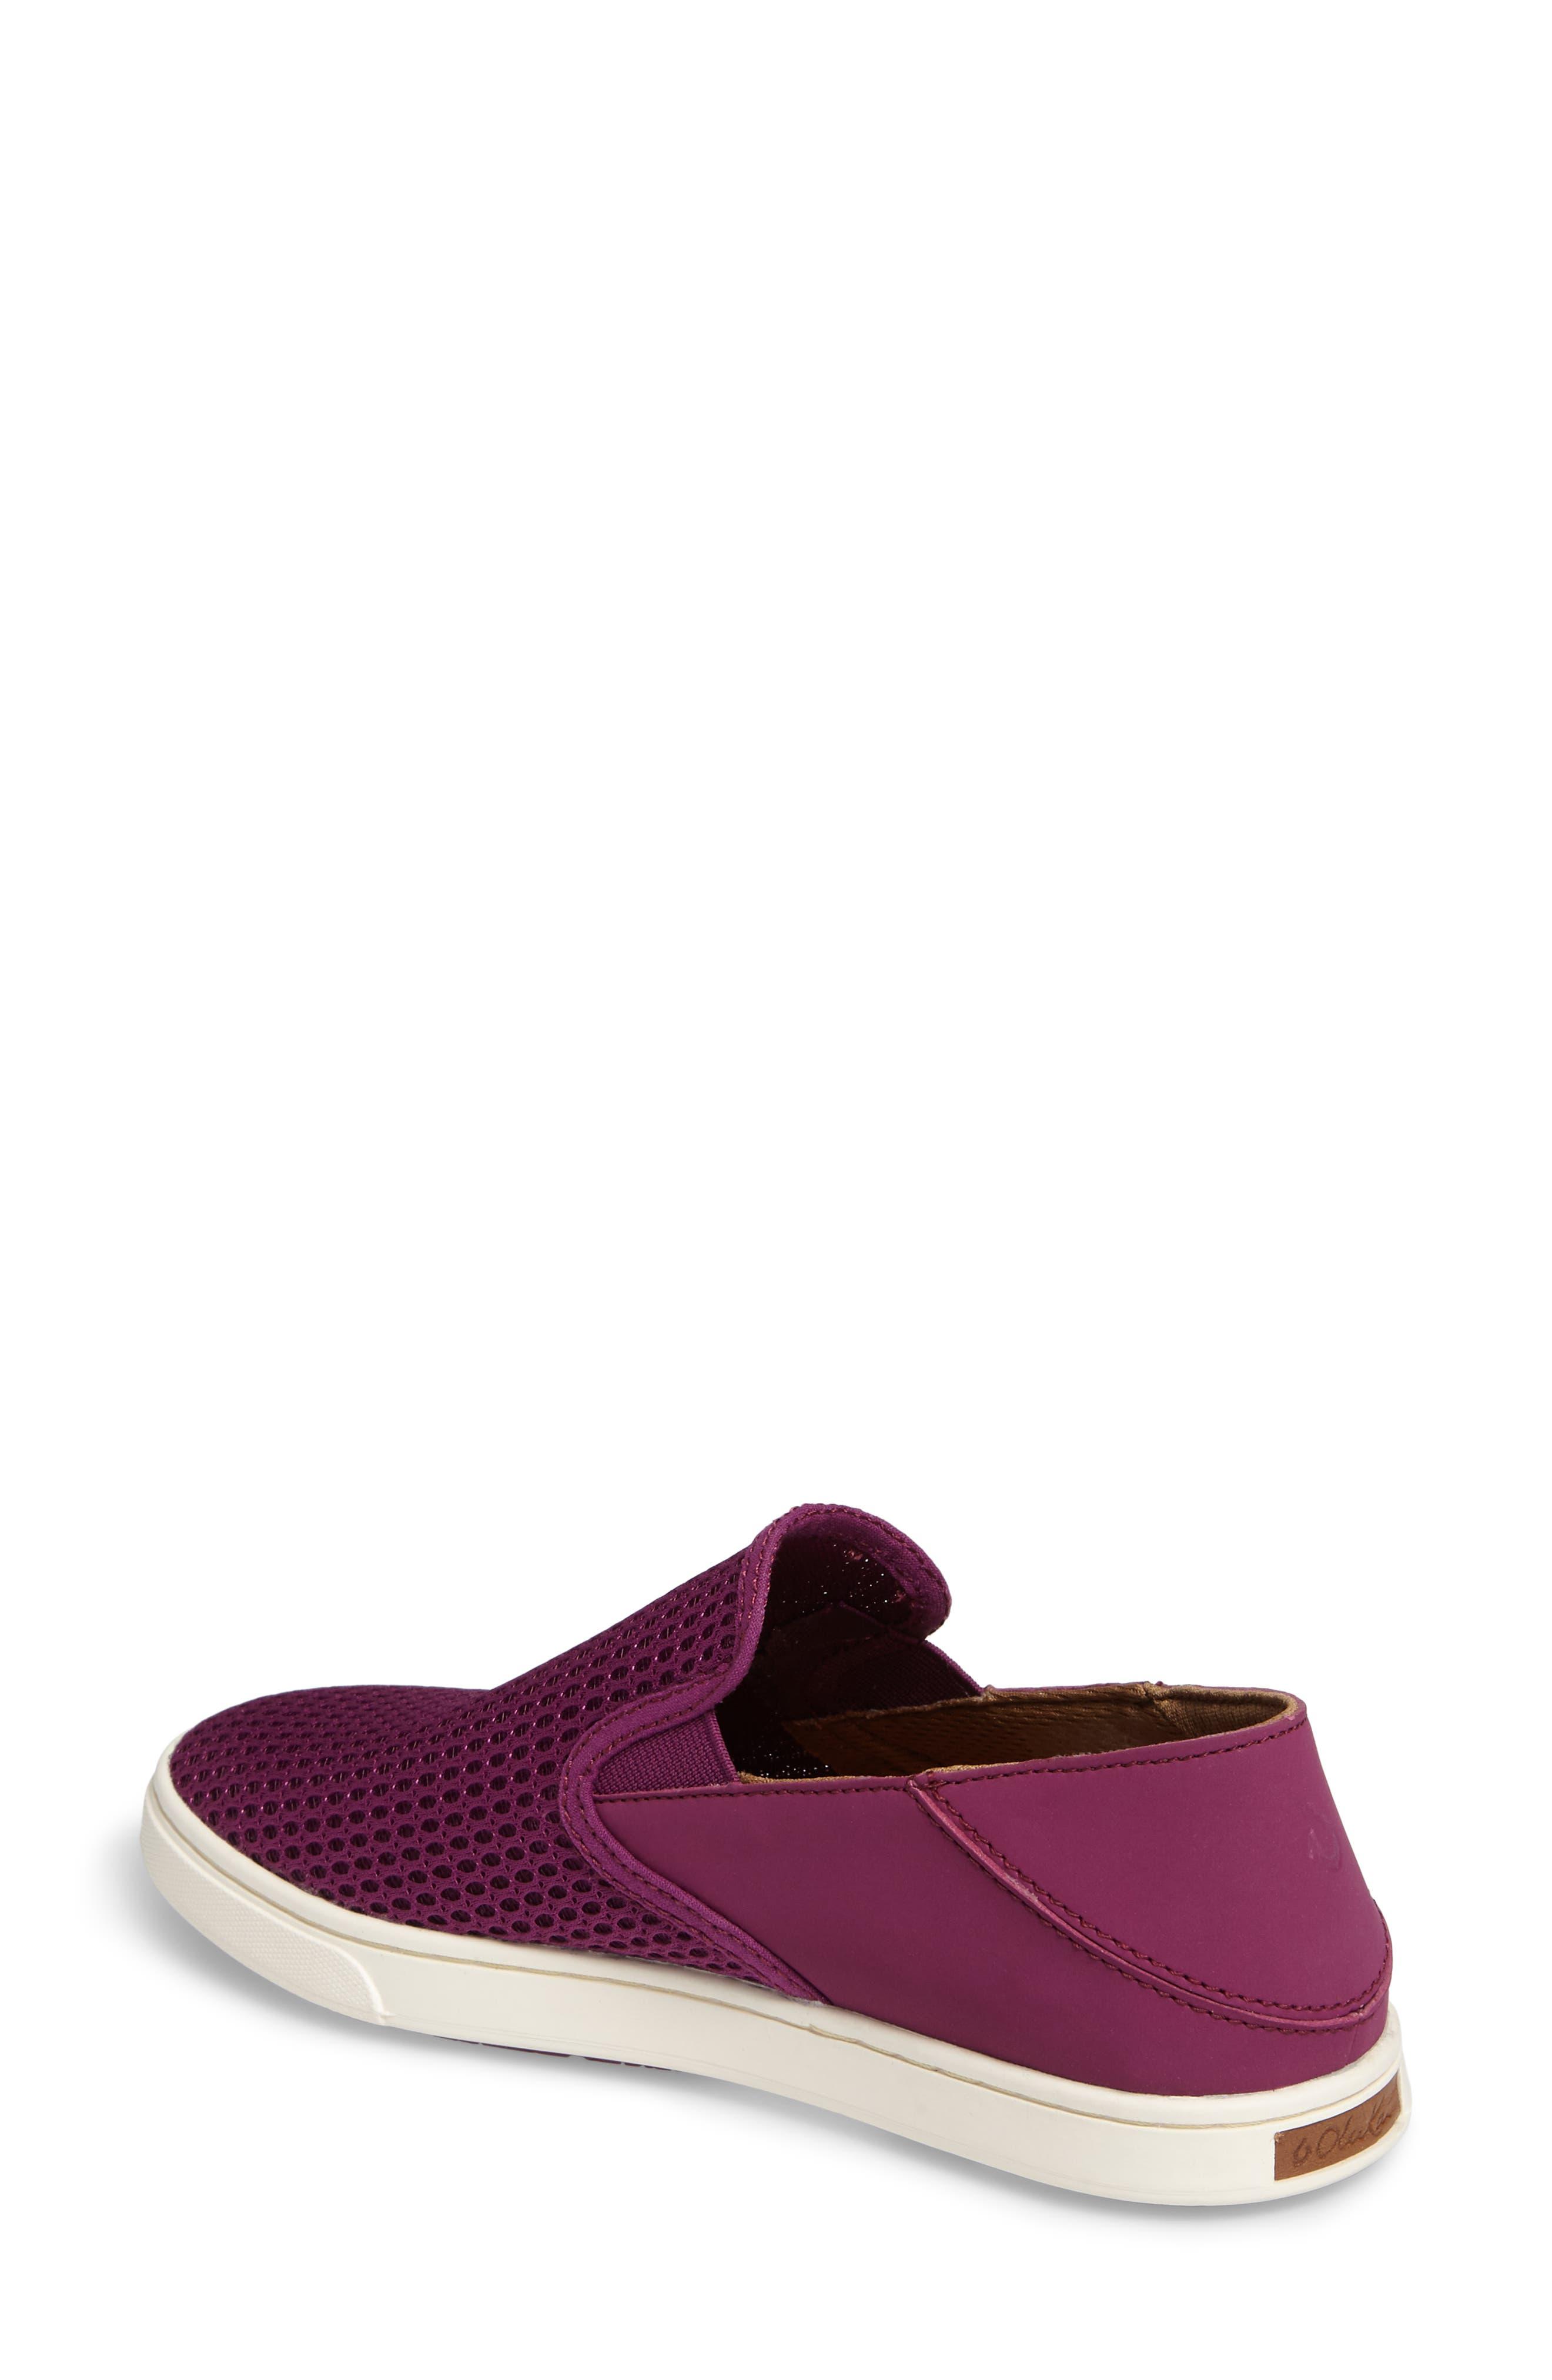 Alternate Image 2  - OluKai 'Pehuea' Slip-On Sneaker (Women)